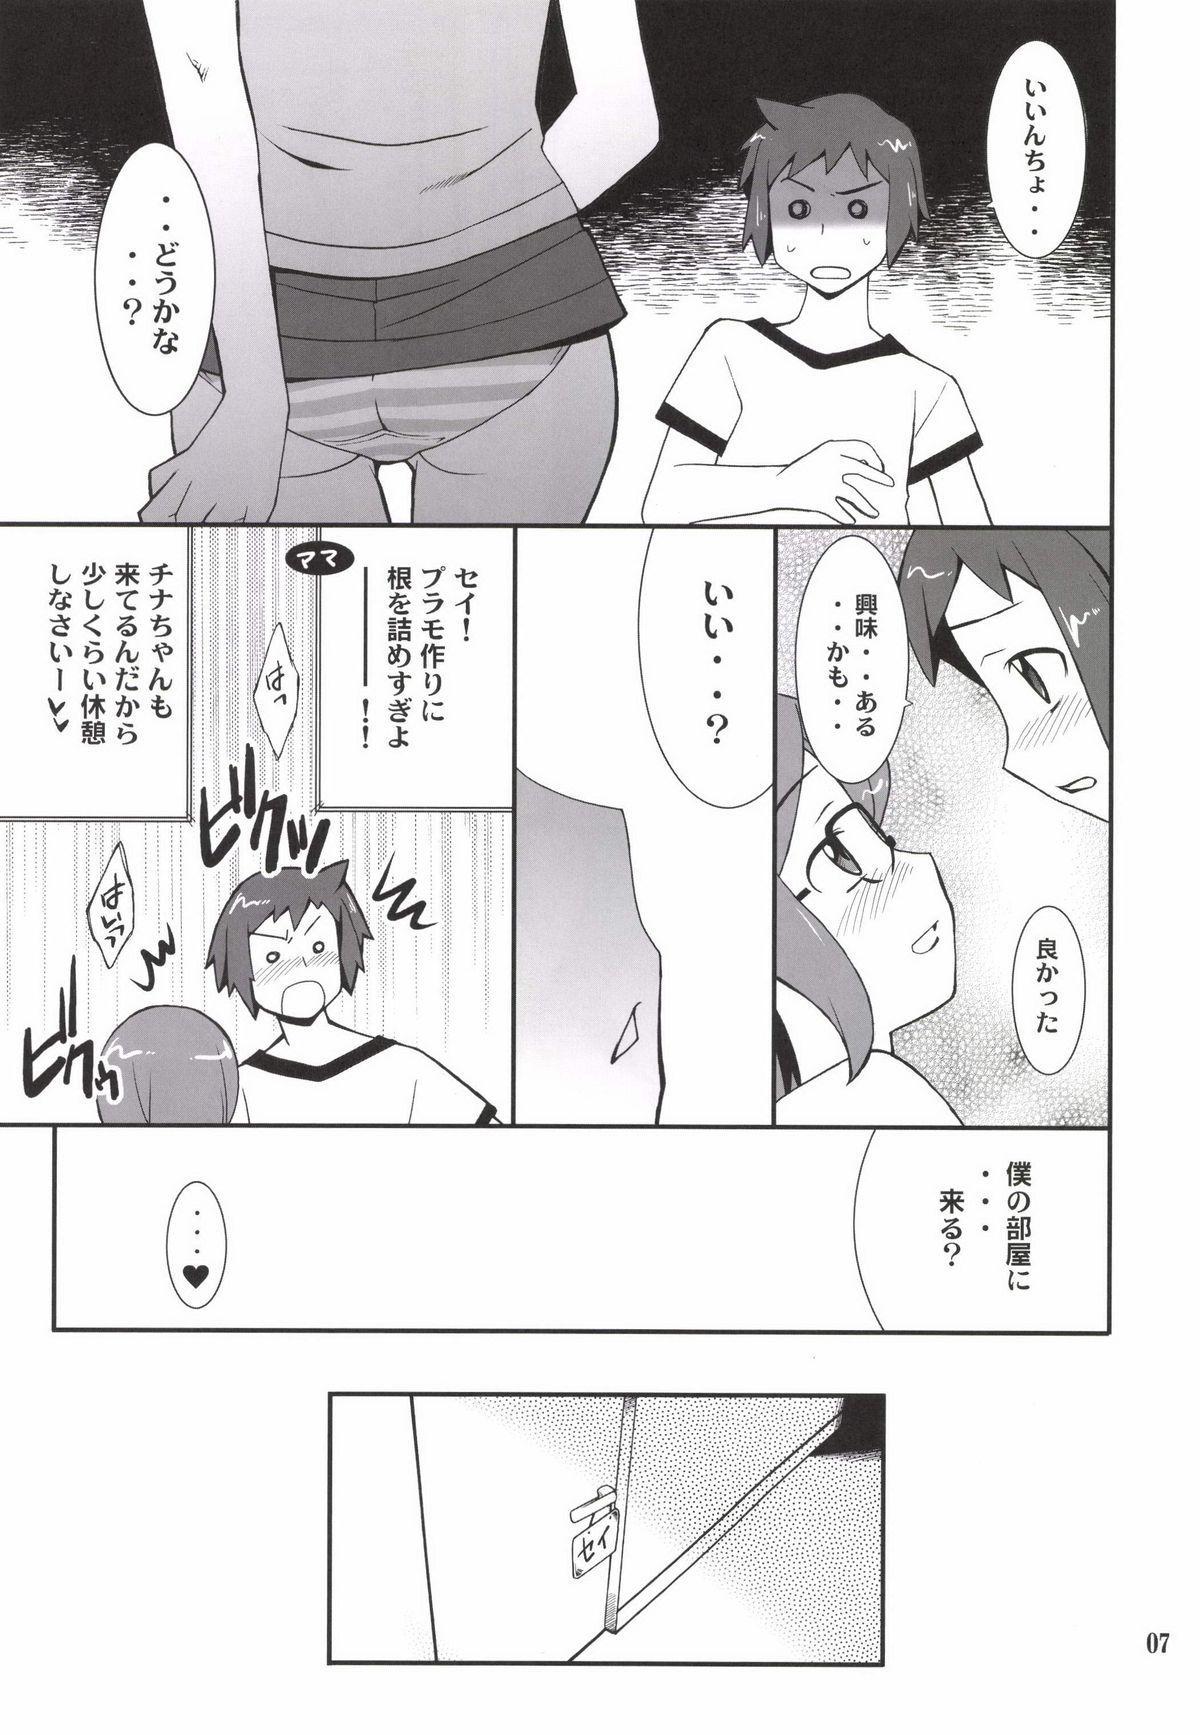 Toaru Machi no Mokeiya-san de 6